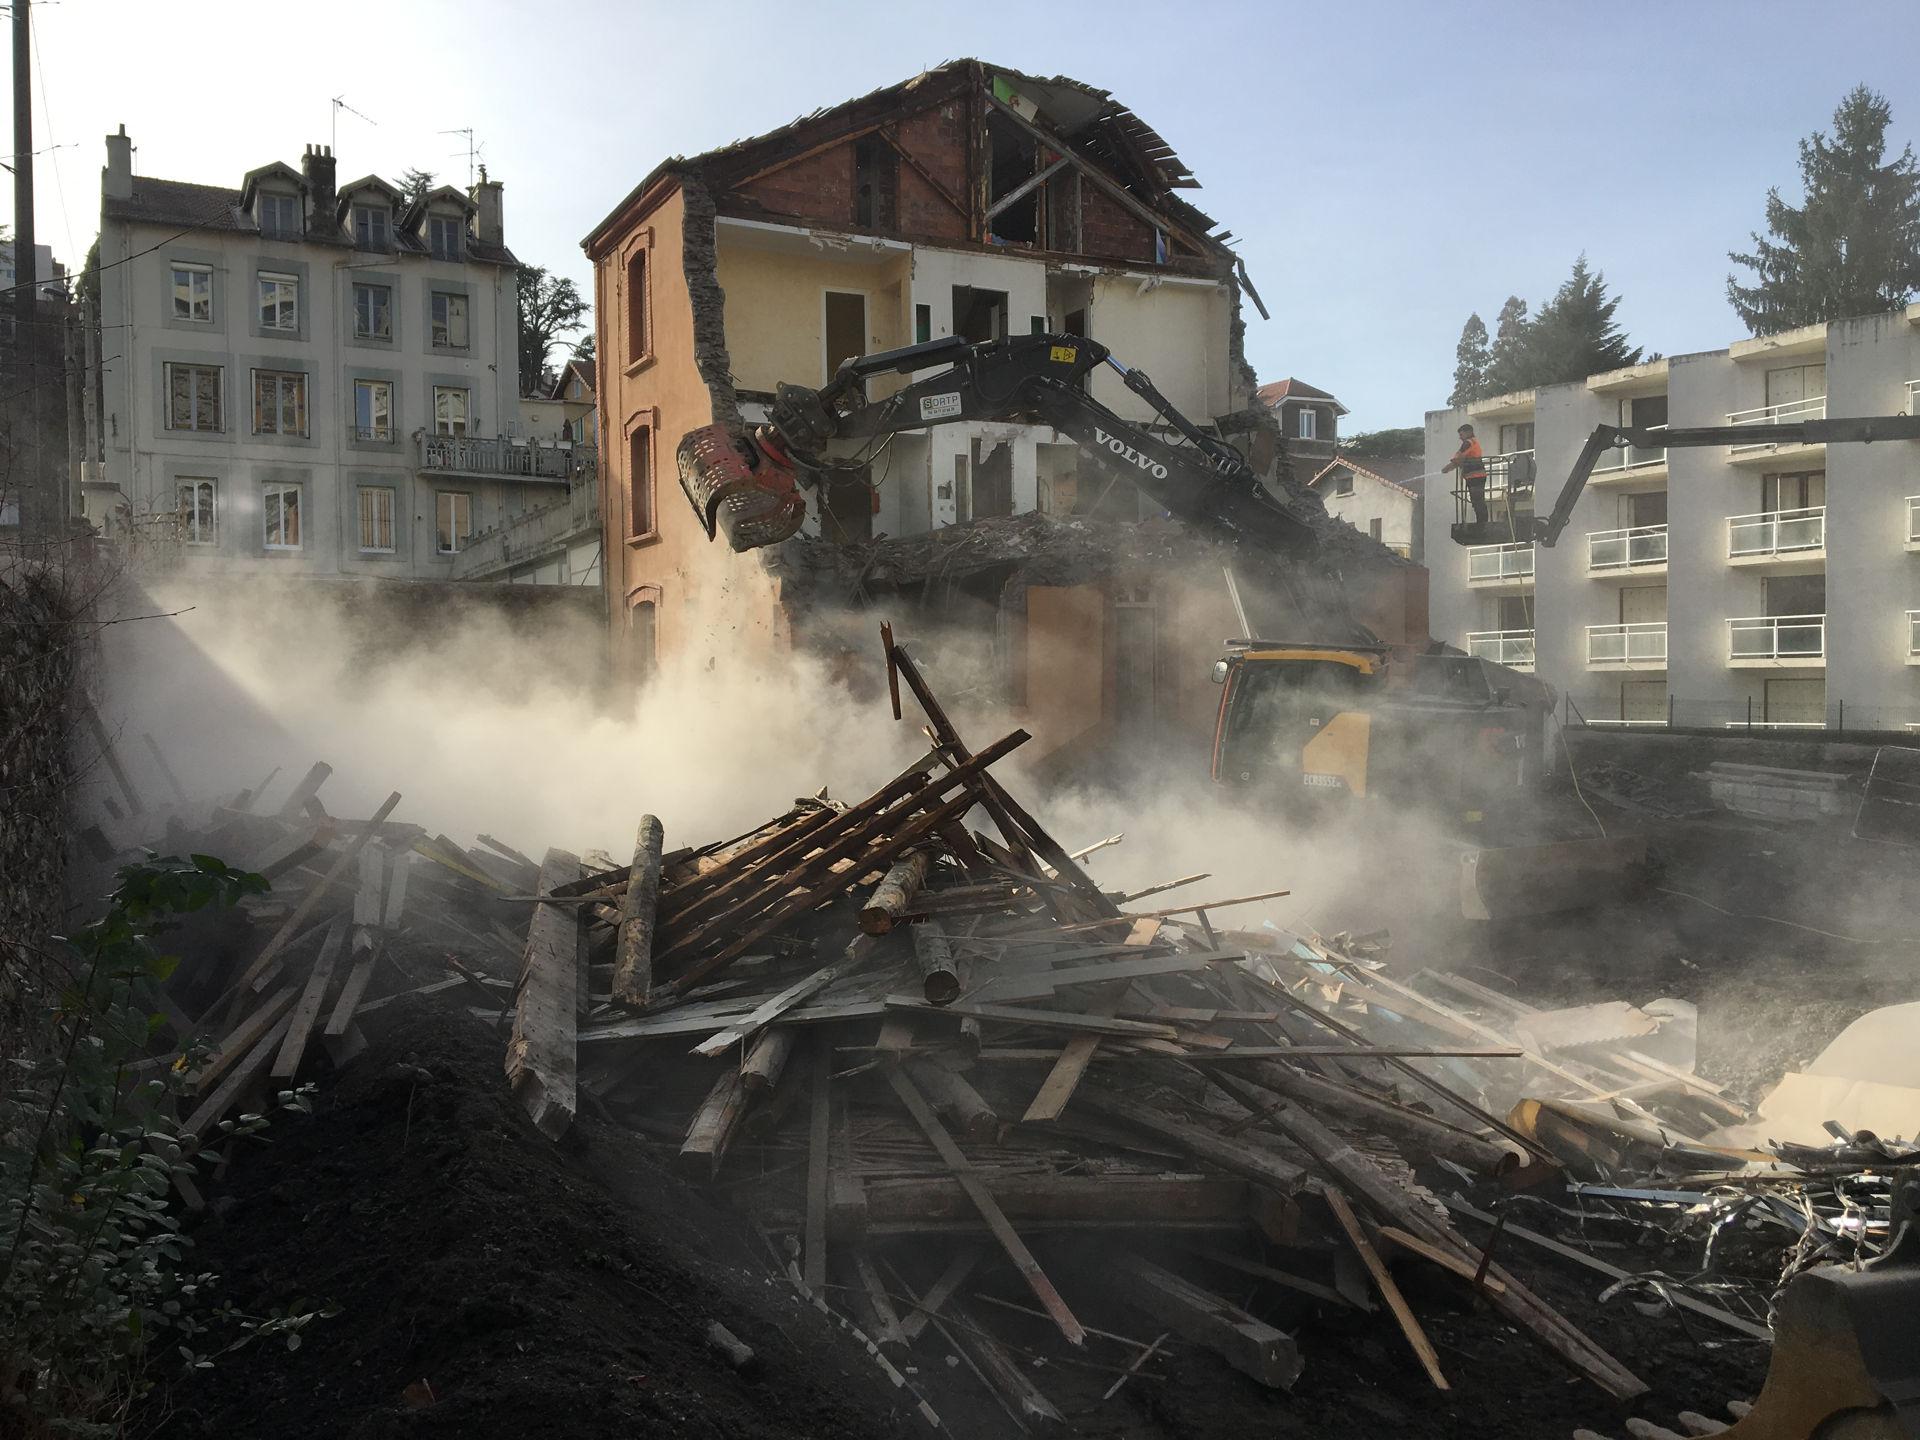 PROJET L'OBSIDIENNE / 37 Logements à Saint-Etienne : Démarrage des travaux